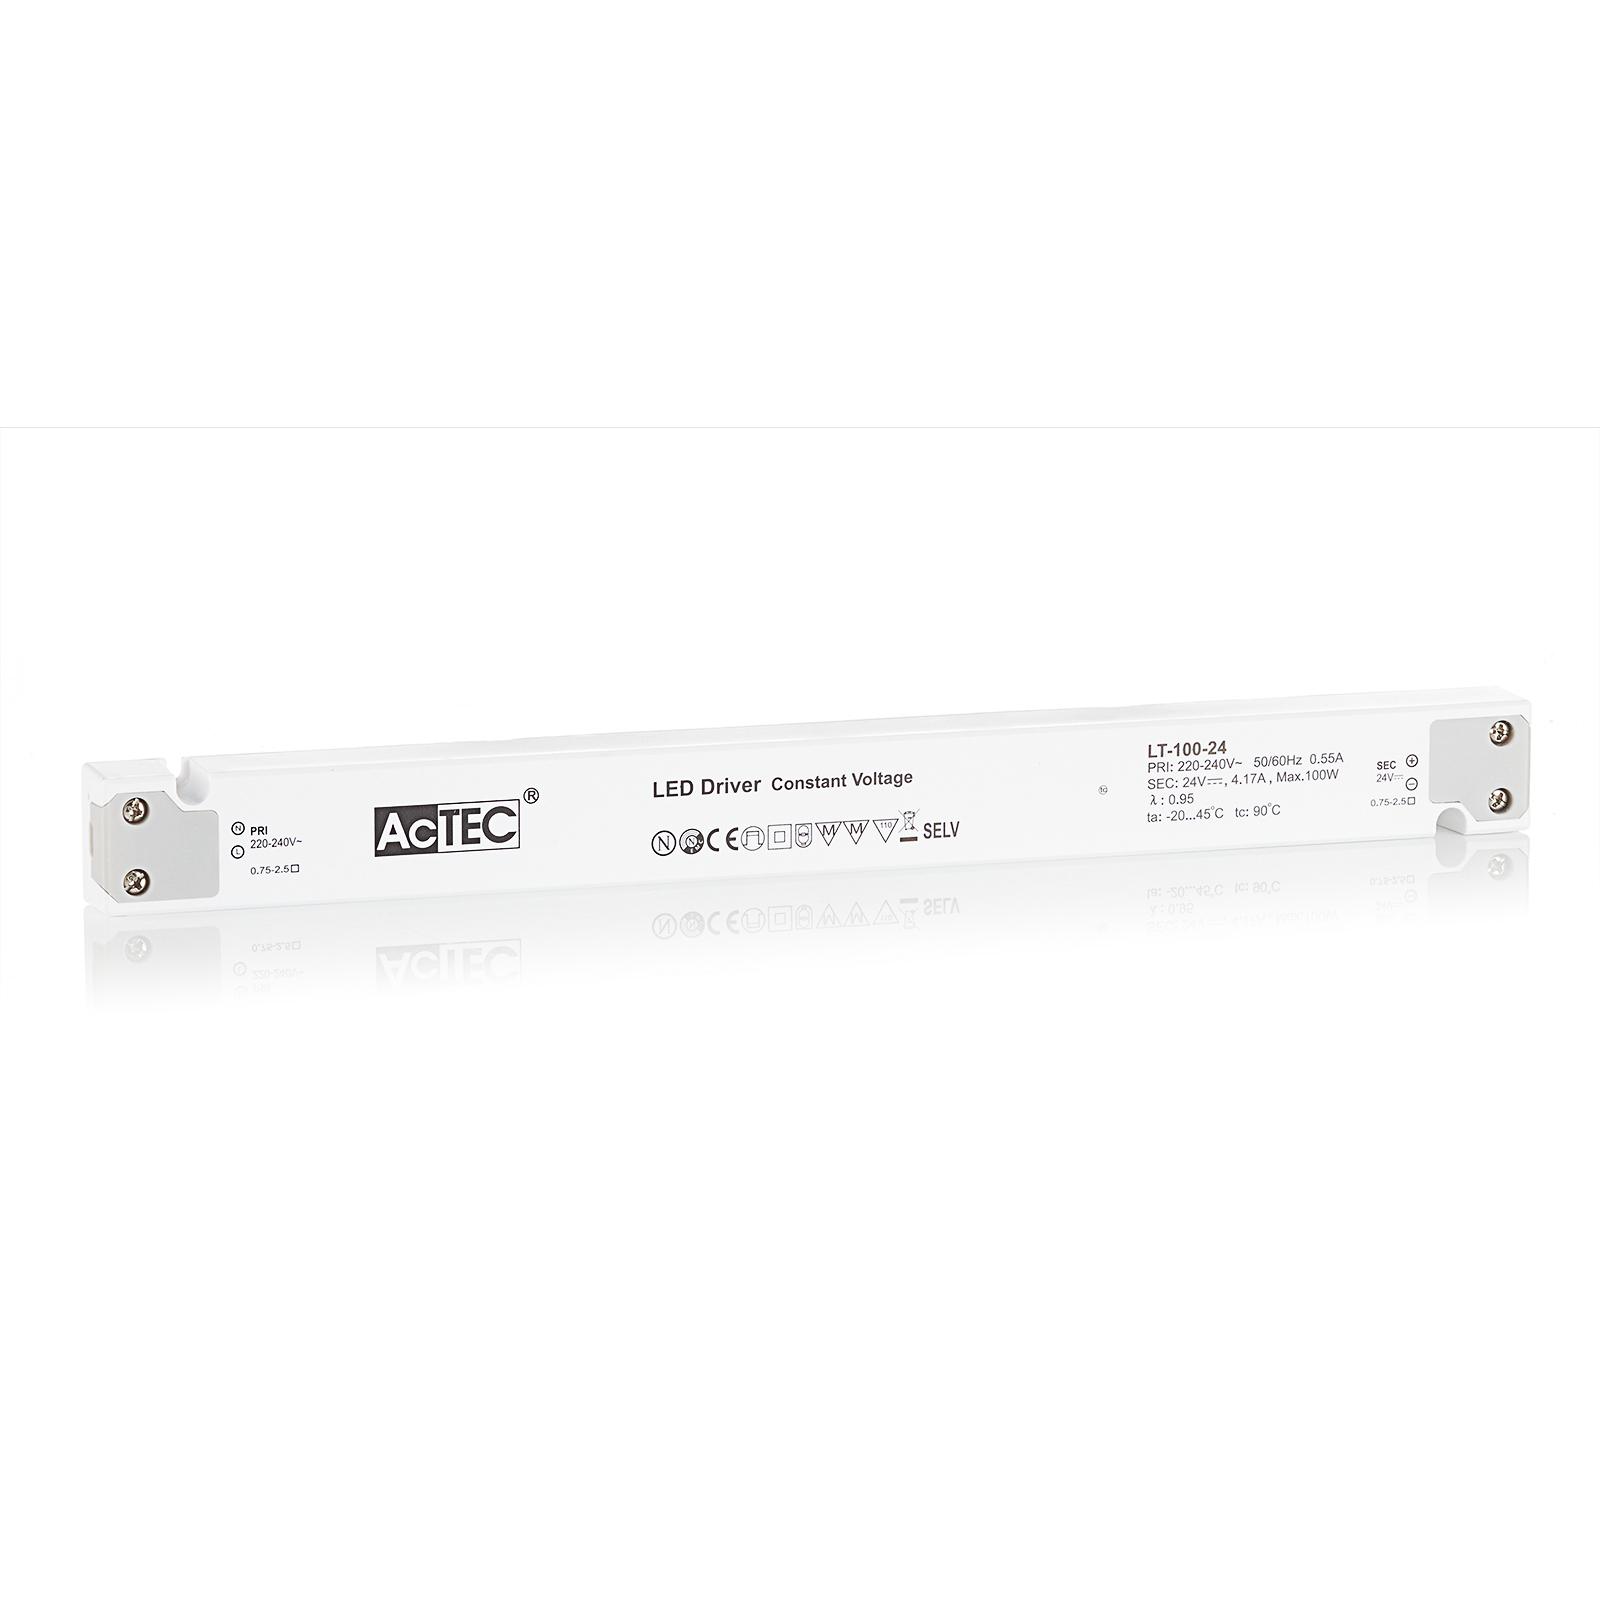 AcTEC LT LED-drivare CV 24V, 100W